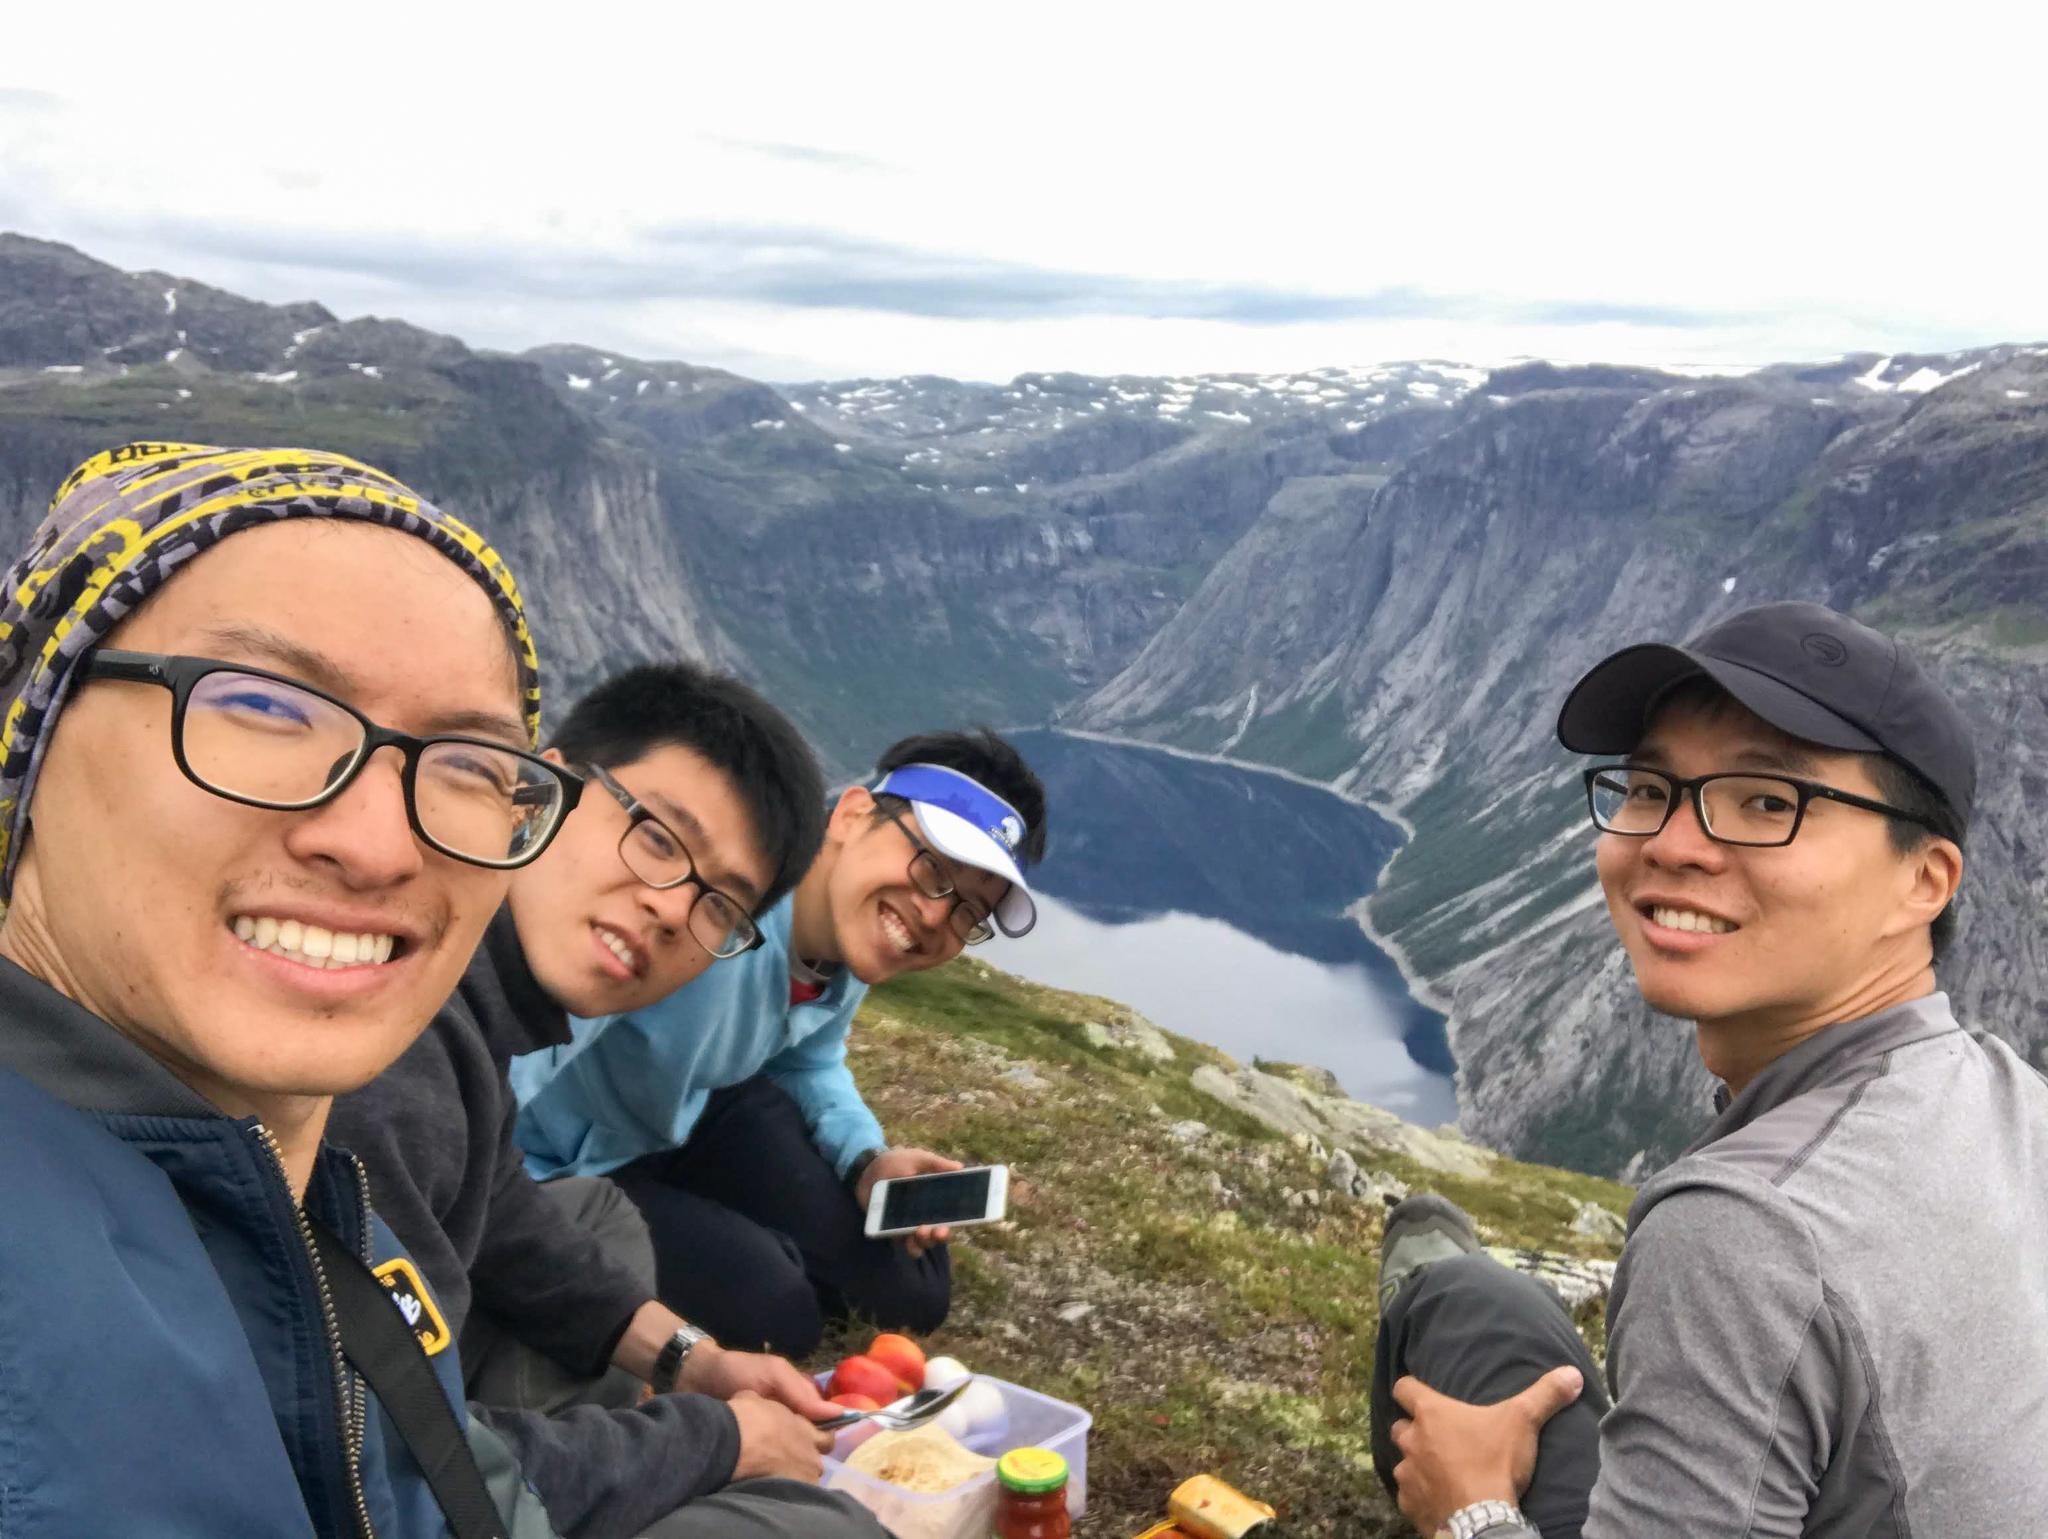 【北歐景點】挪威惡魔之舌 Trolltunga — 28公里健行挑戰全攻略 206